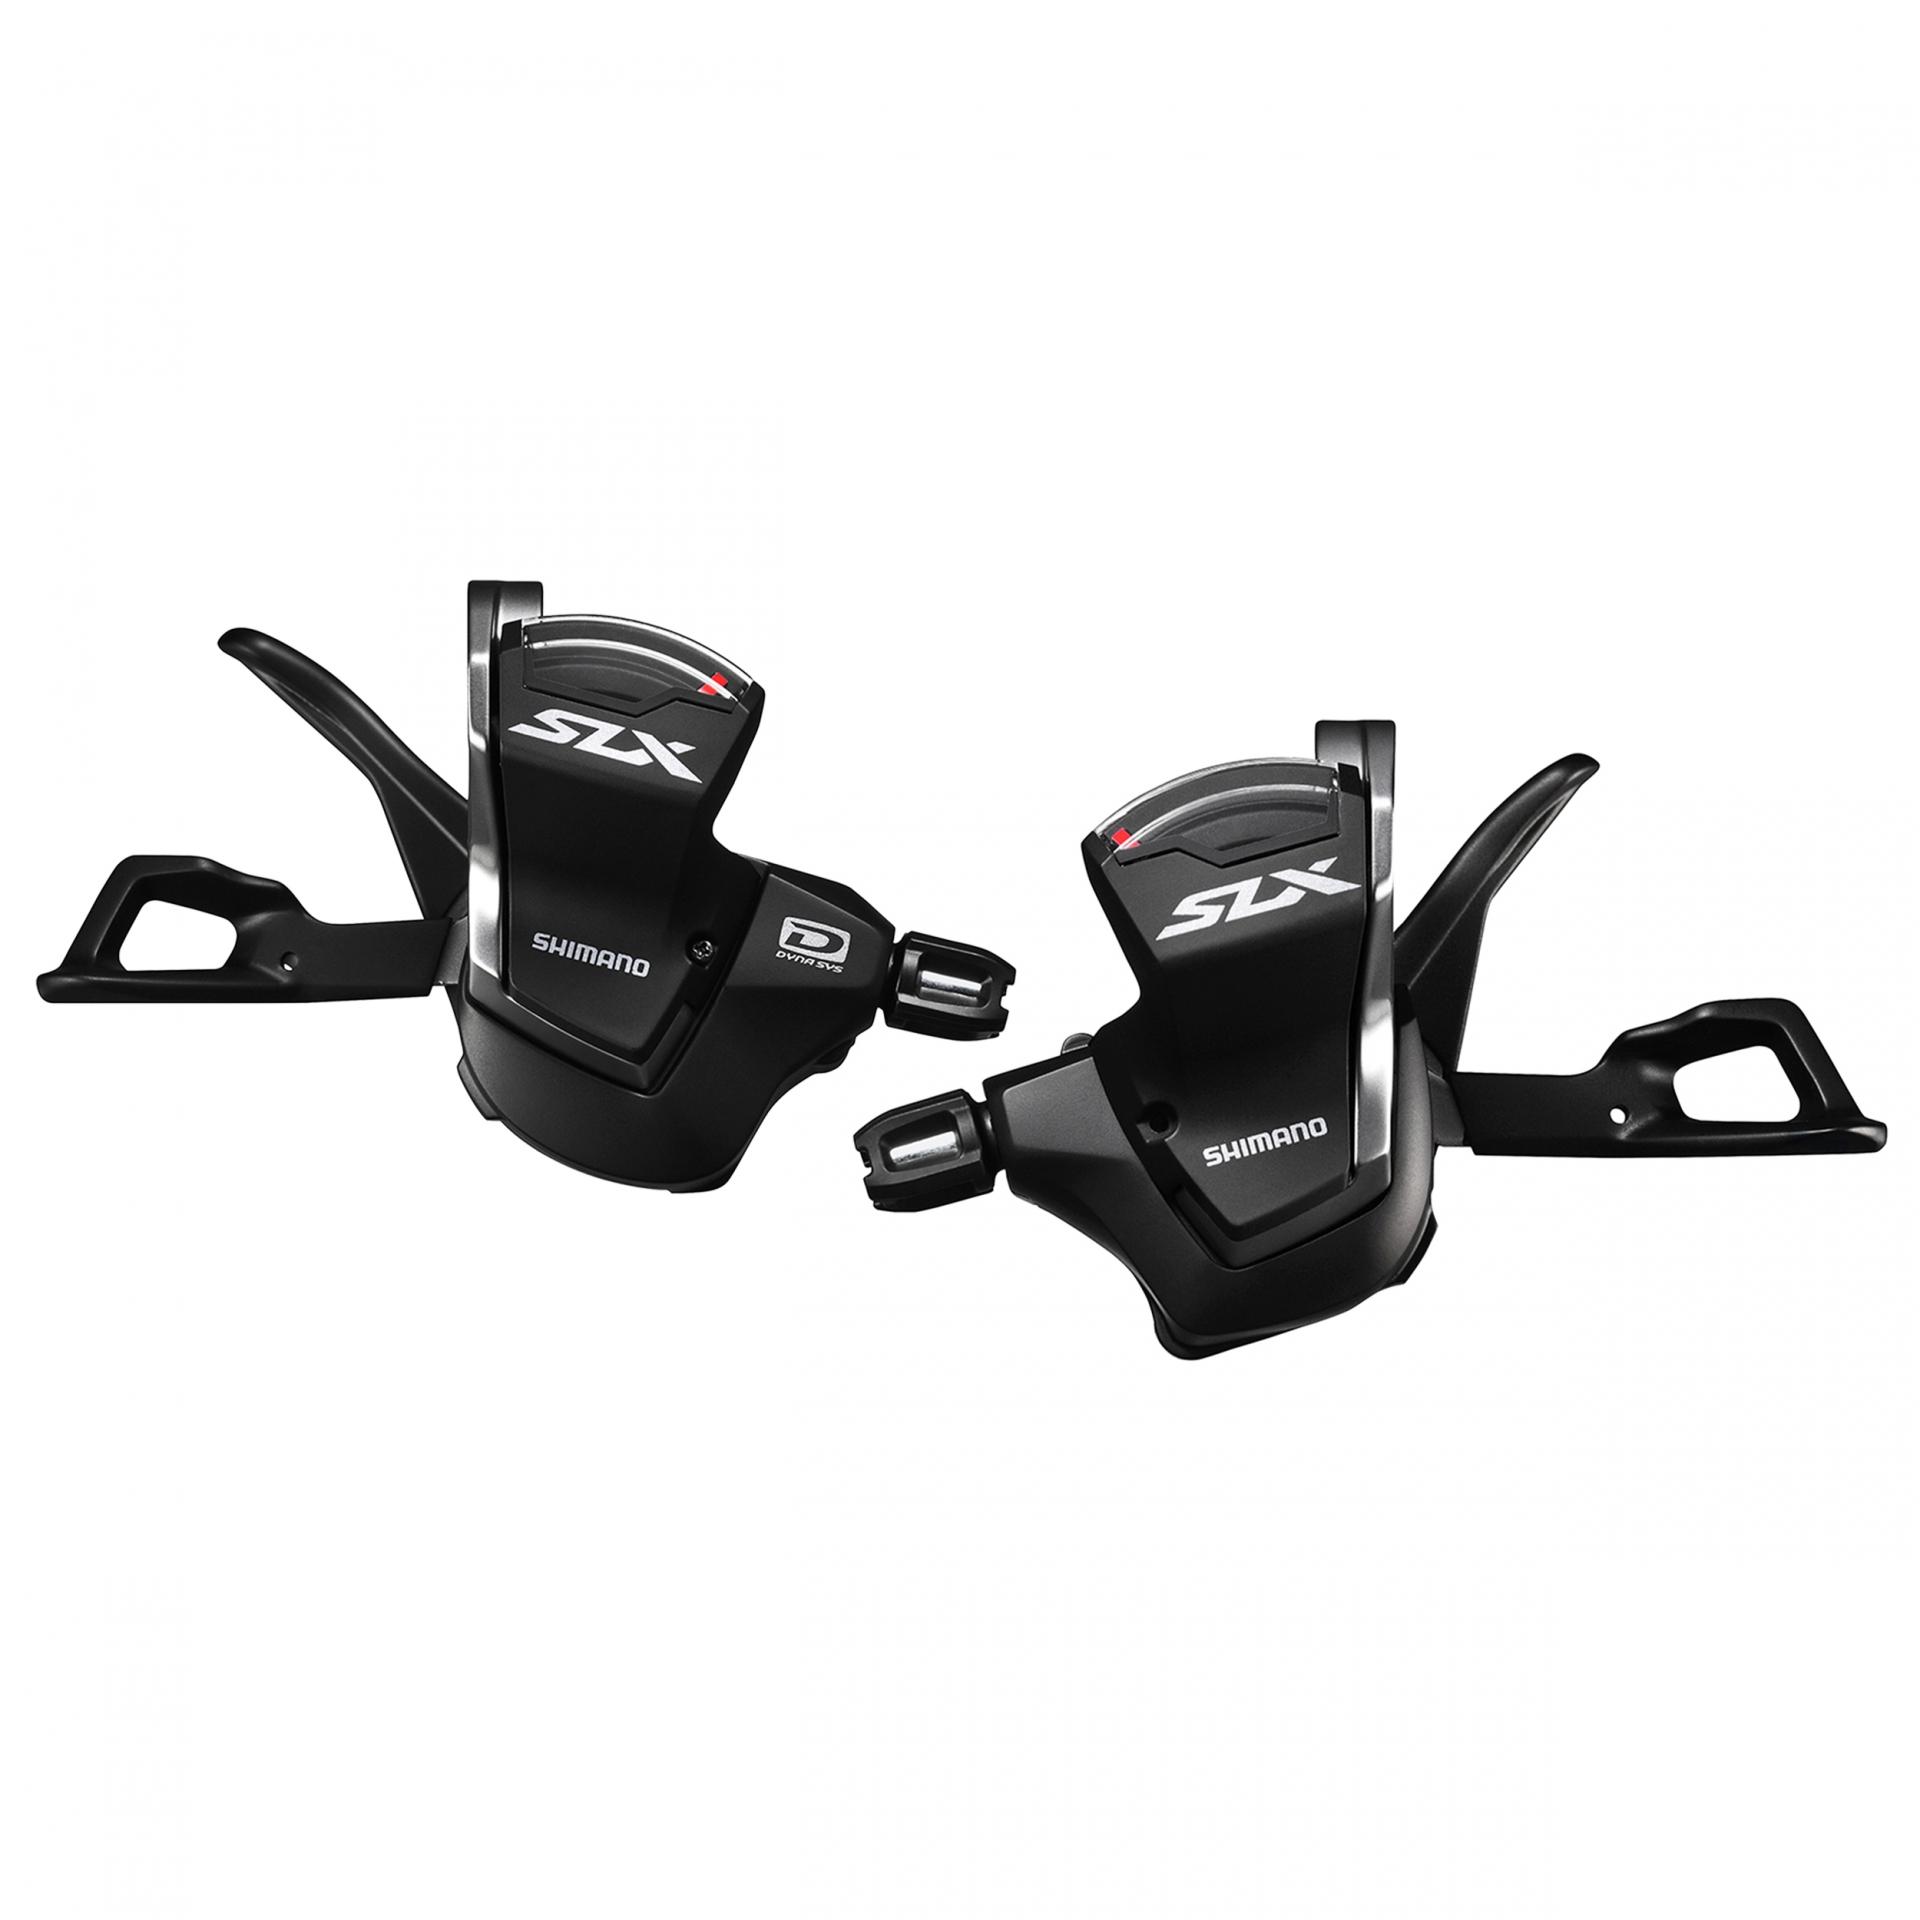 Manette de vitesses Shimano SLX M7000 2/3x11V (Paire) Noir